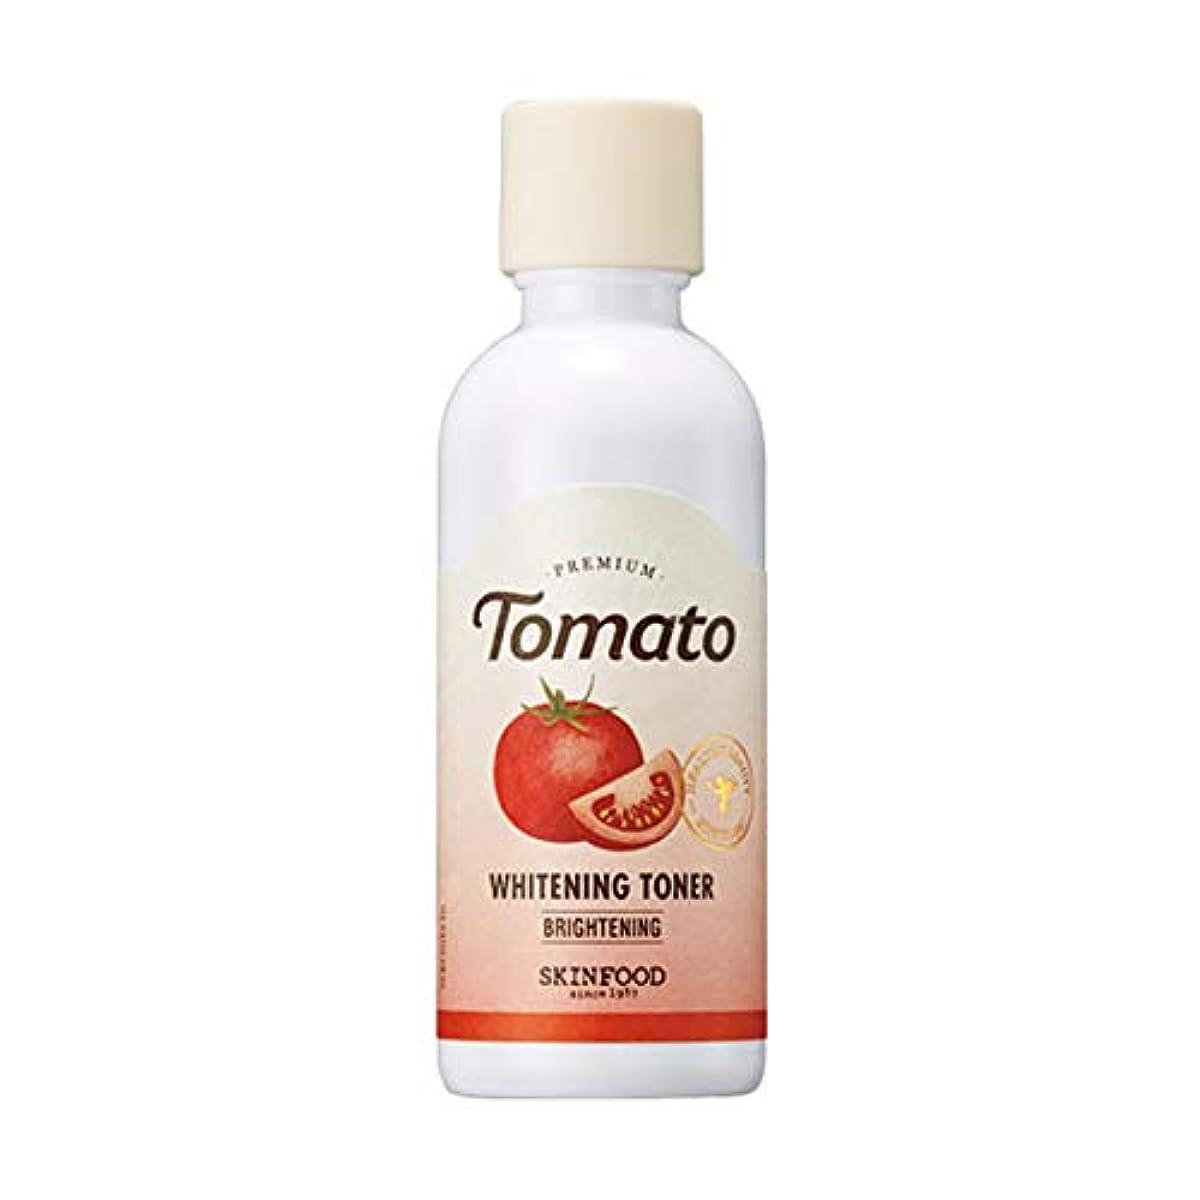 連結する封筒製作Skinfood/Premium Tomato Whitening Toner/プレミアムトマトホワイトニングトナー/180ml [並行輸入品]